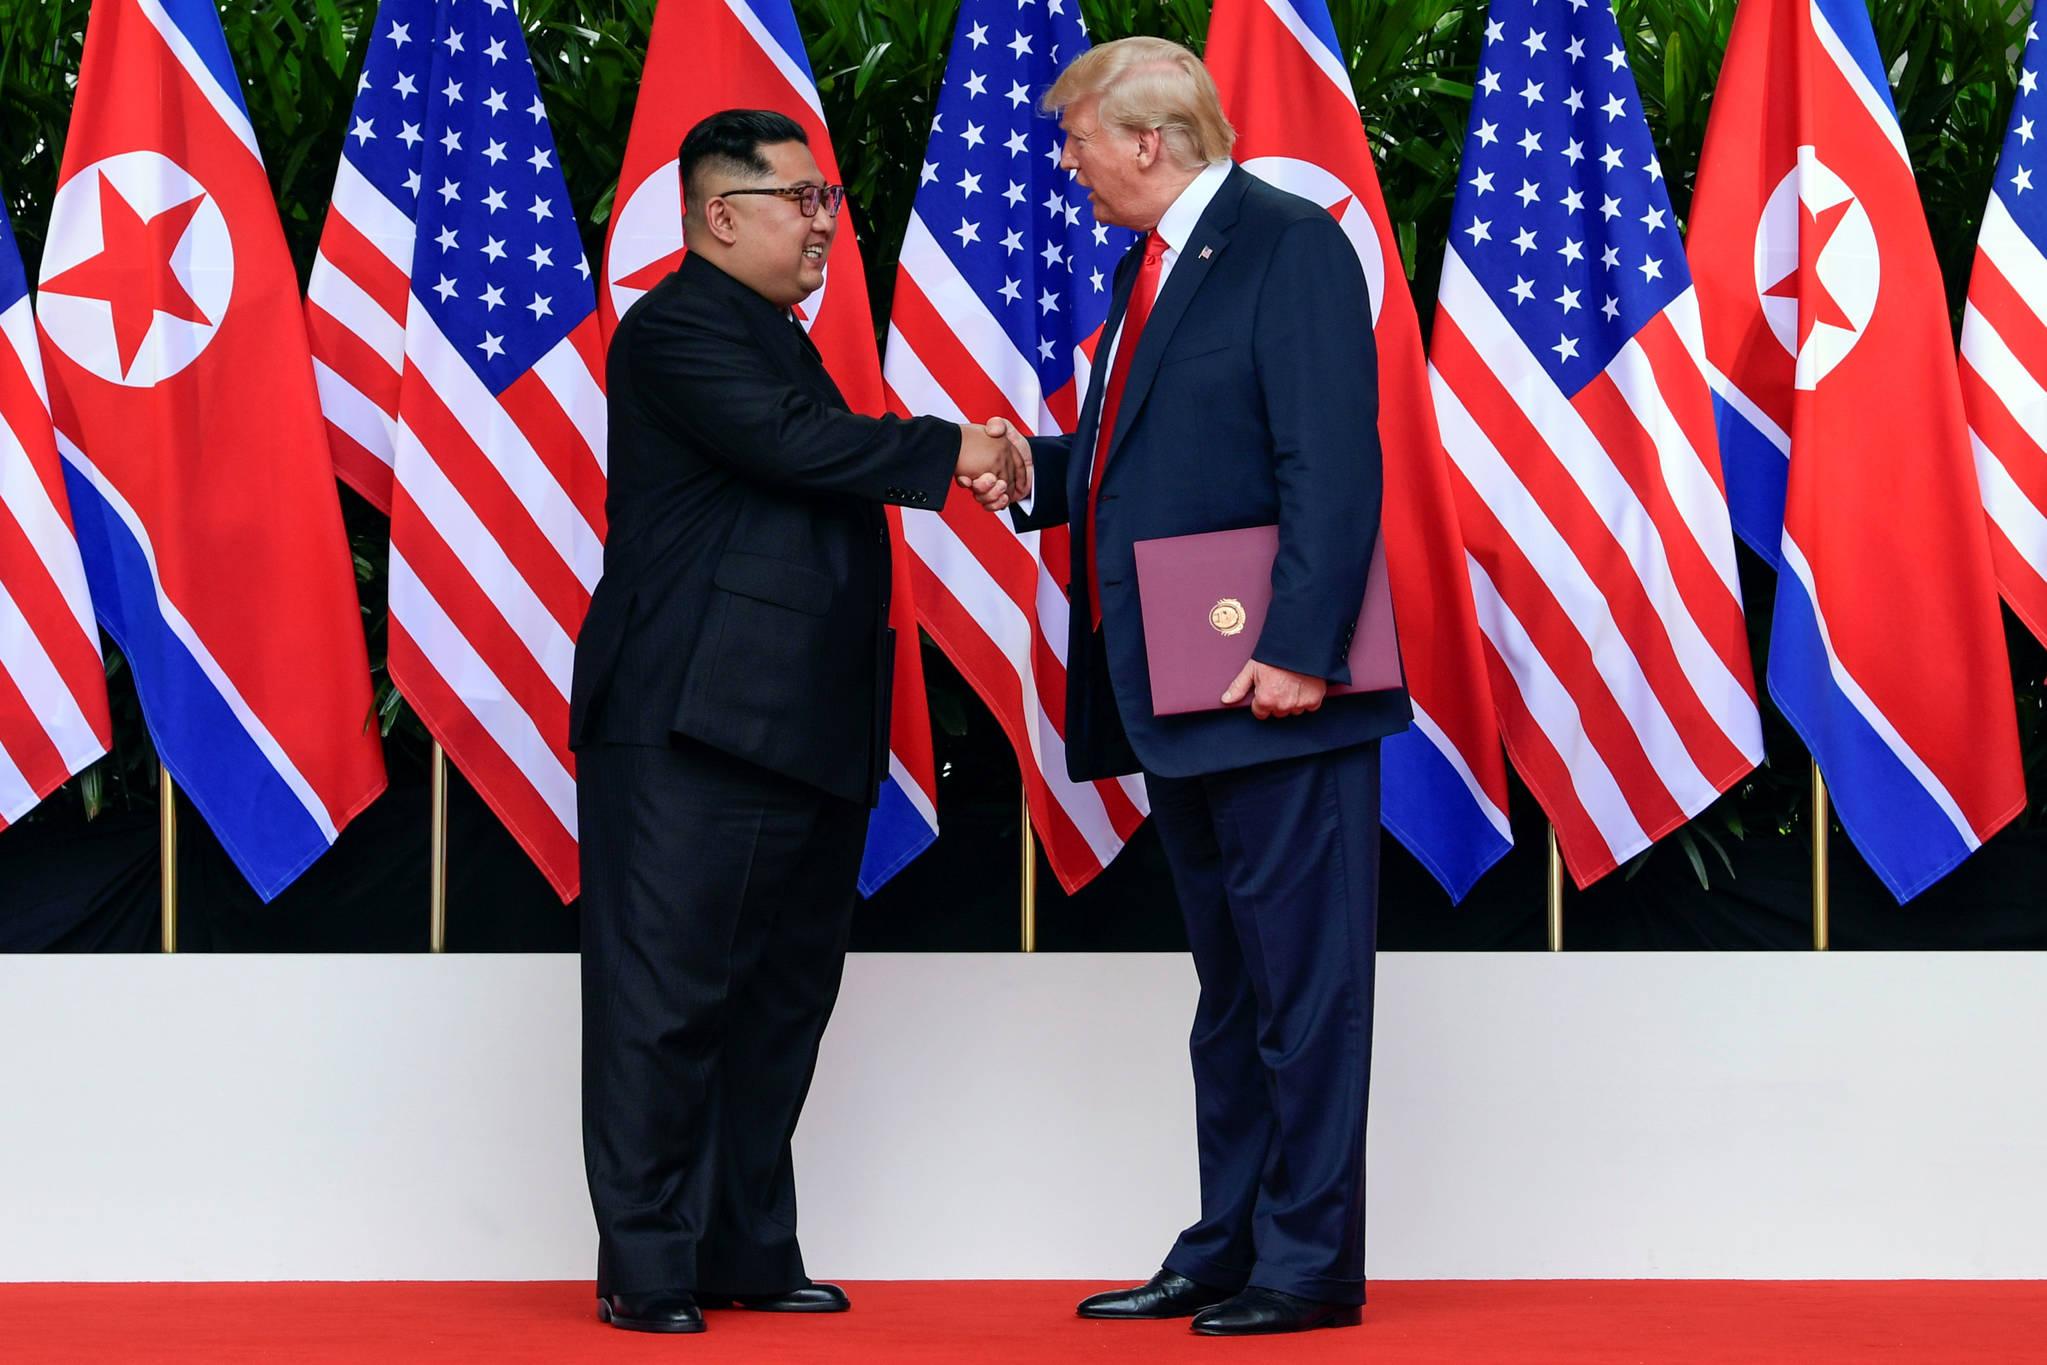 양 정상이 악수하고 있다. 20cm의 키 차이가 나는데도 불구하고 김정은 위원장과 트럼프 대통령이 눈높이가 비슷하다. [로이터=연합뉴스]